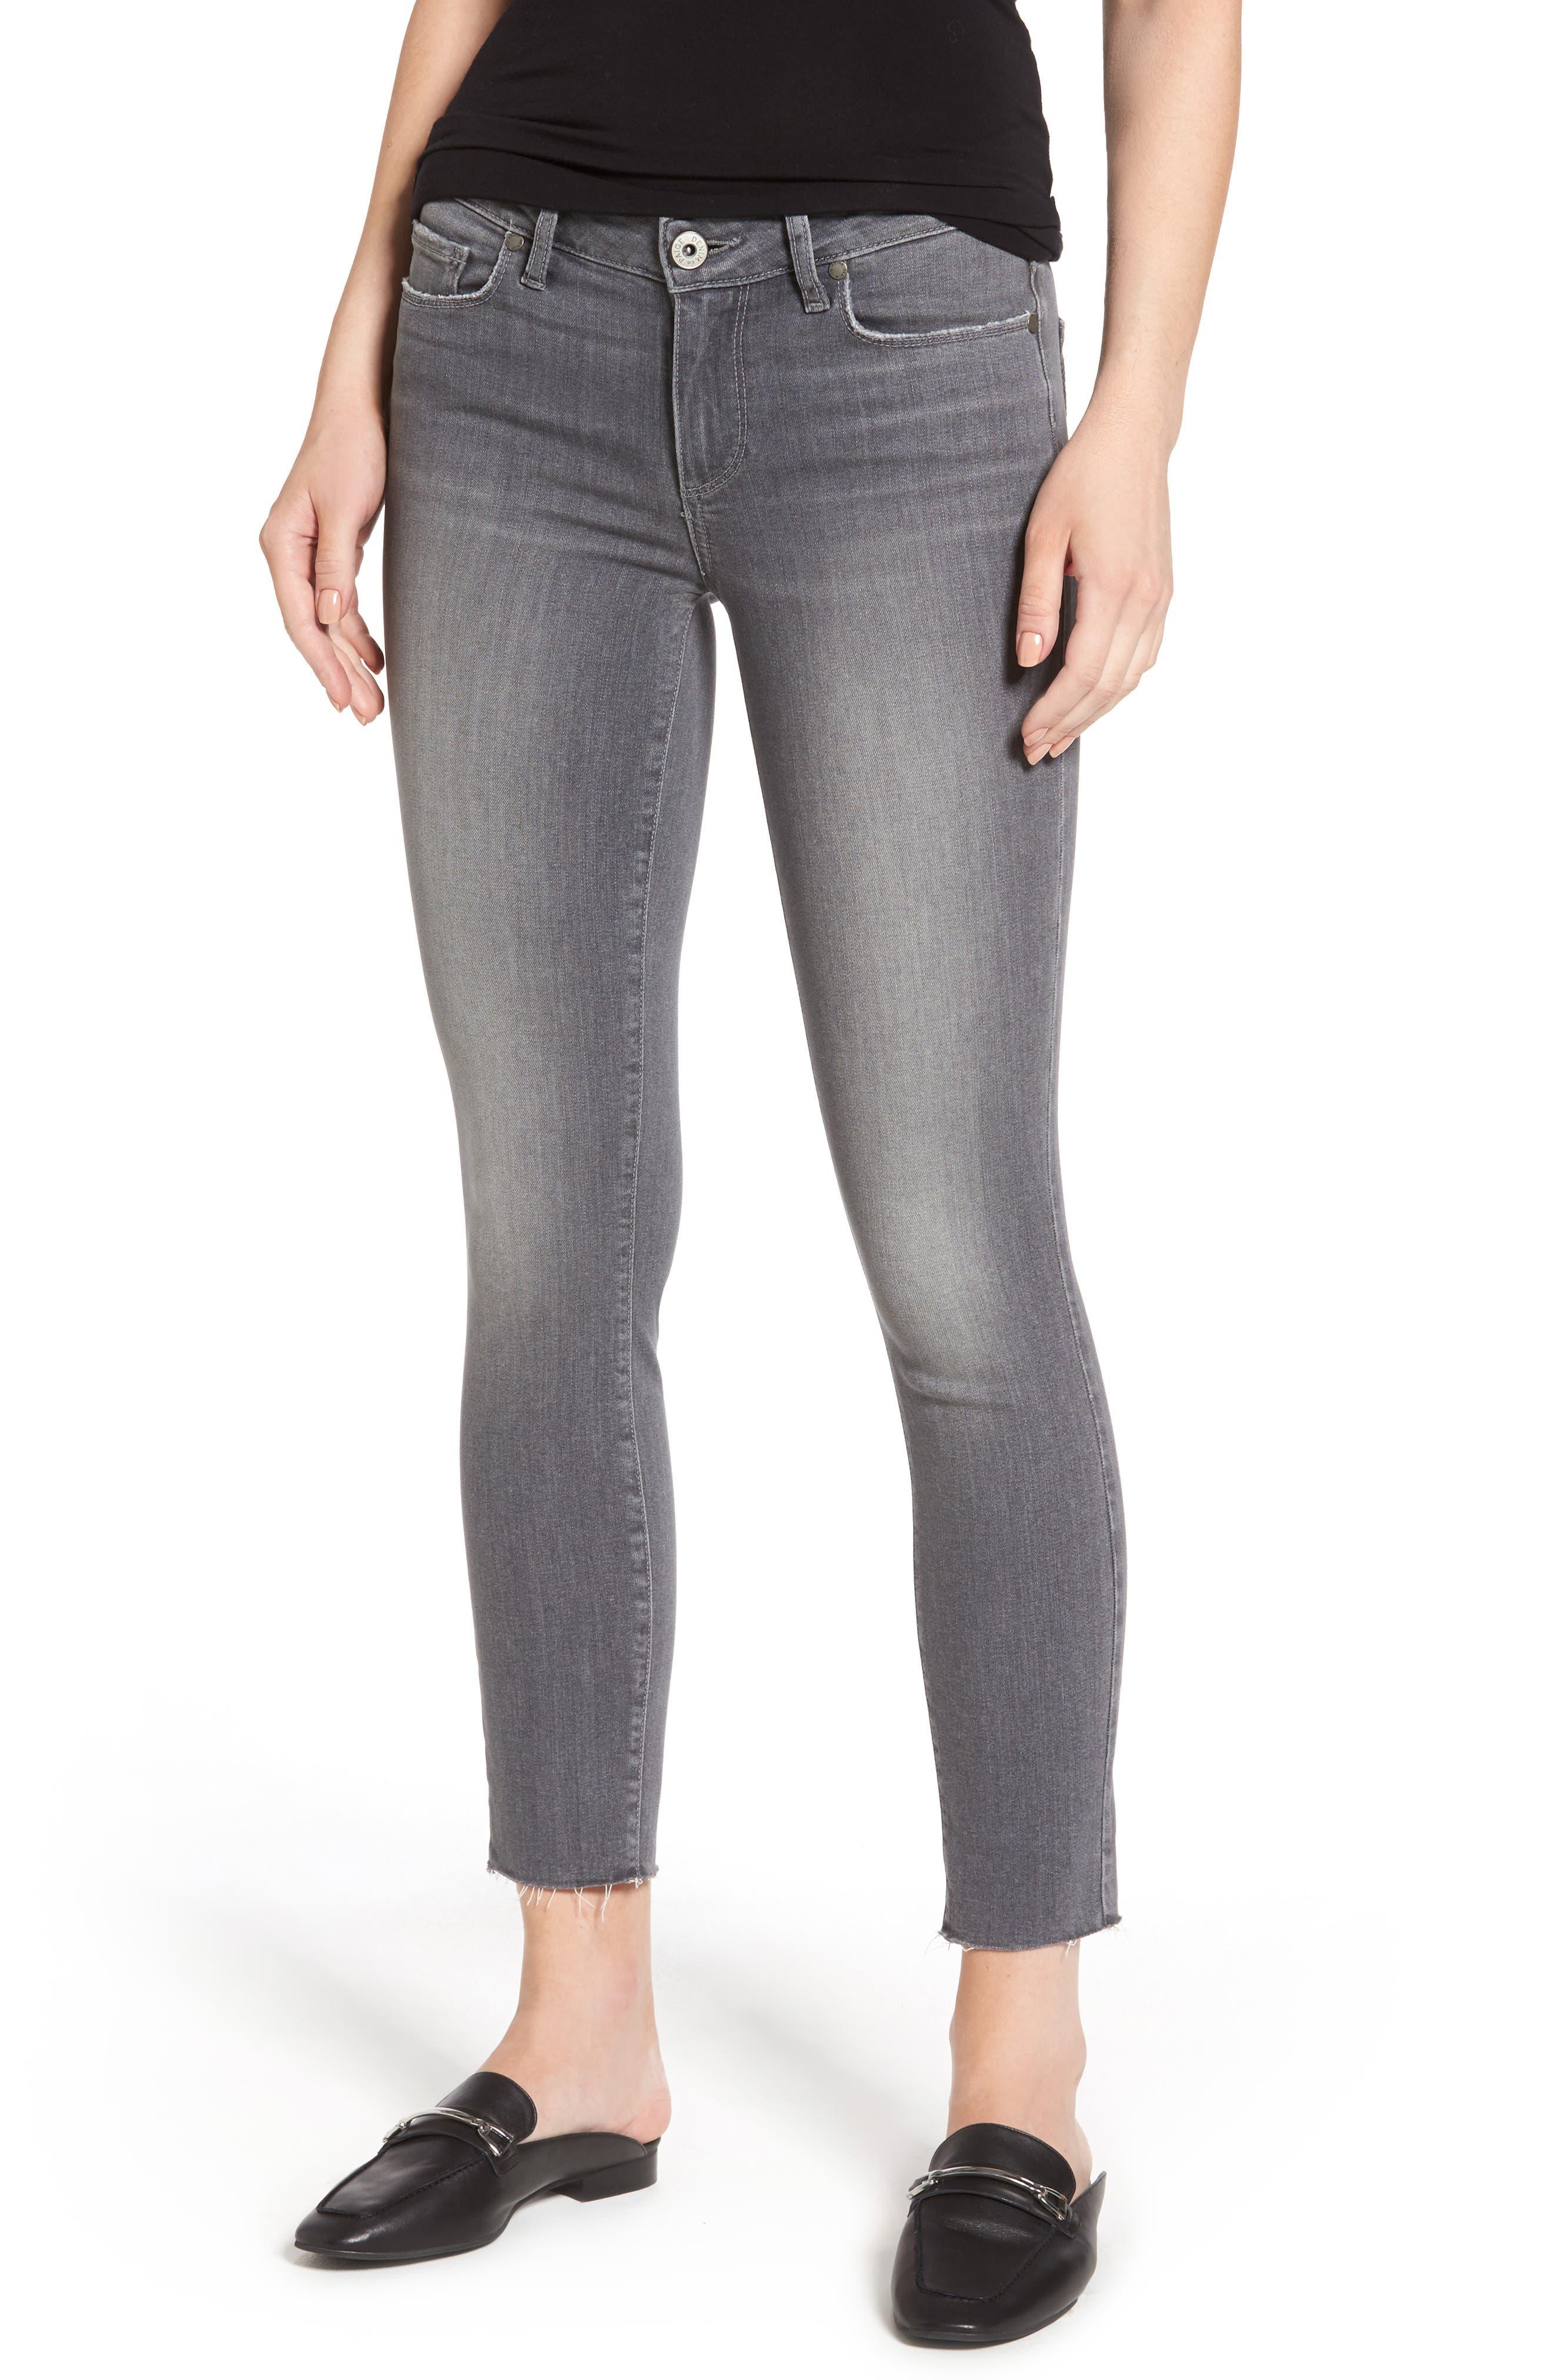 Alternate Image 1 Selected - PAIGE Verdugo Raw Hem Ankle Skinny Jeans (Sea Salt)